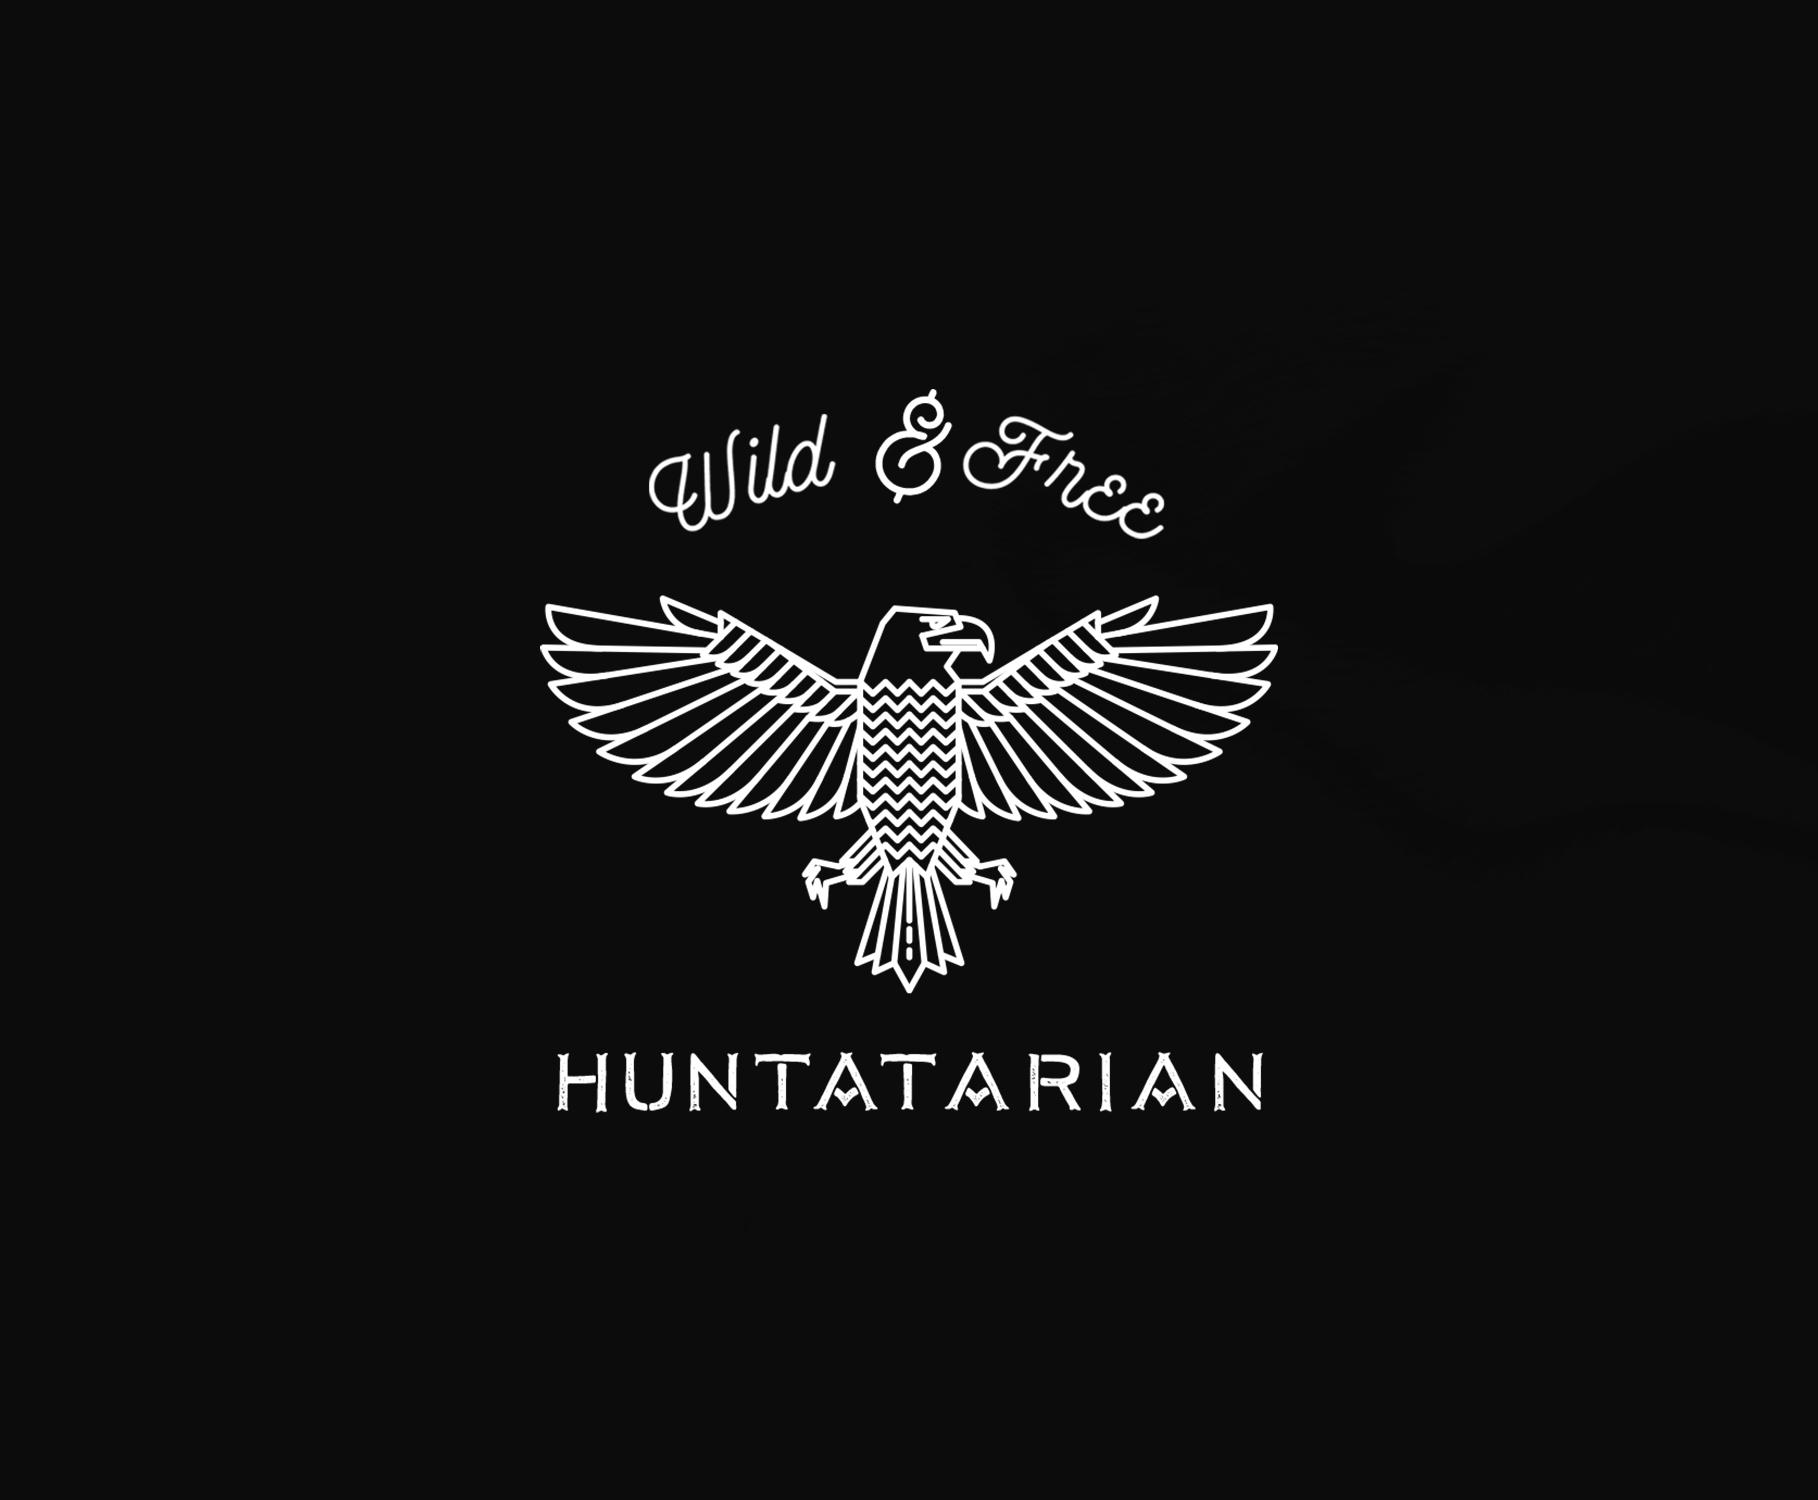 Client: Huntatarian